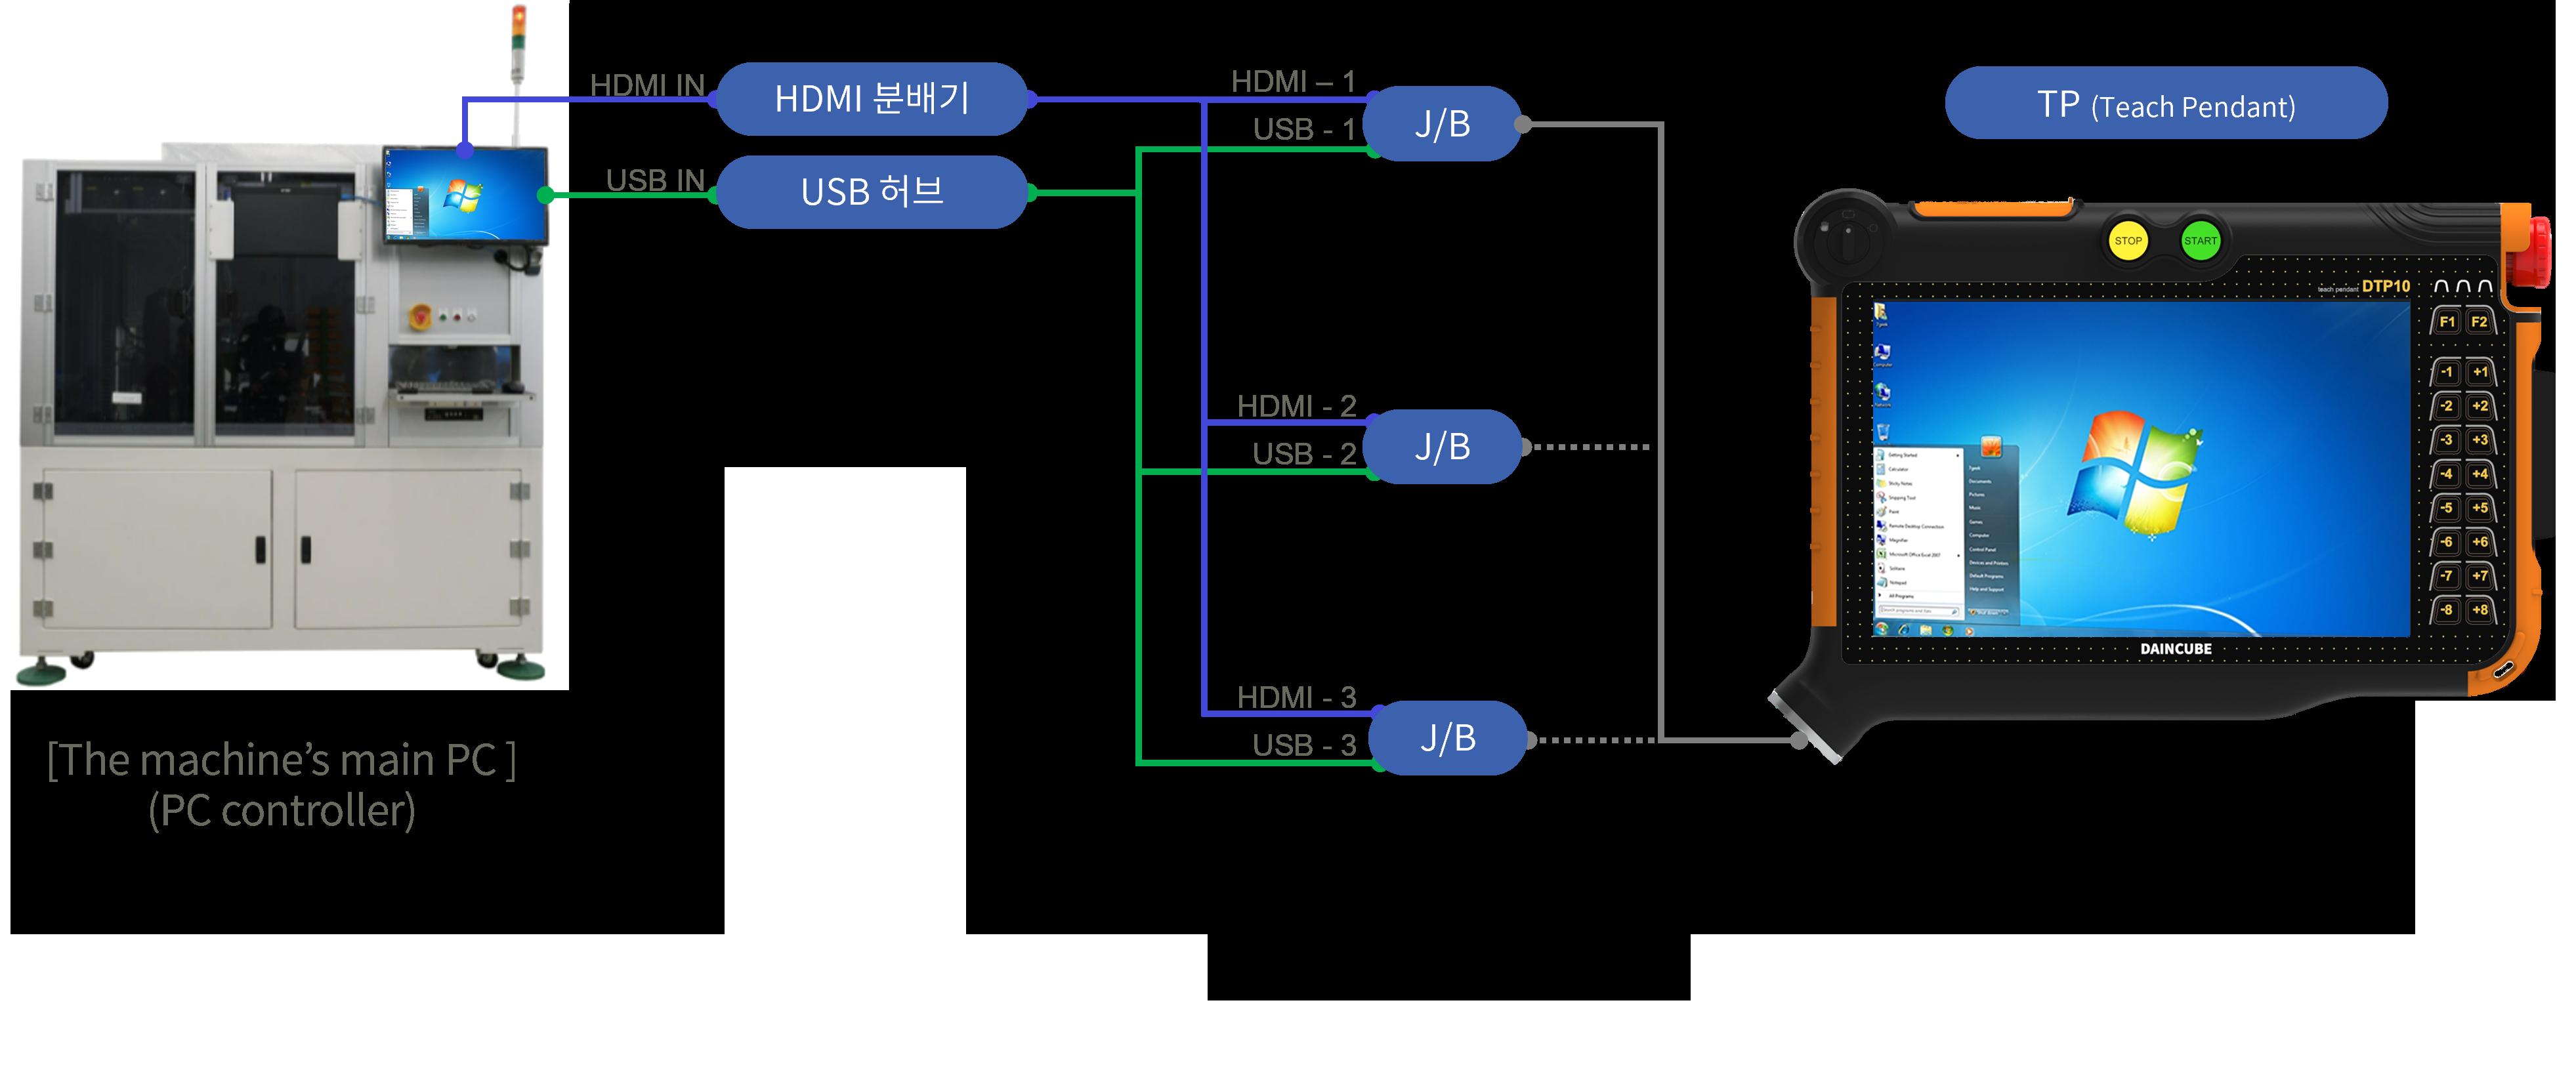 KVM-DTP10